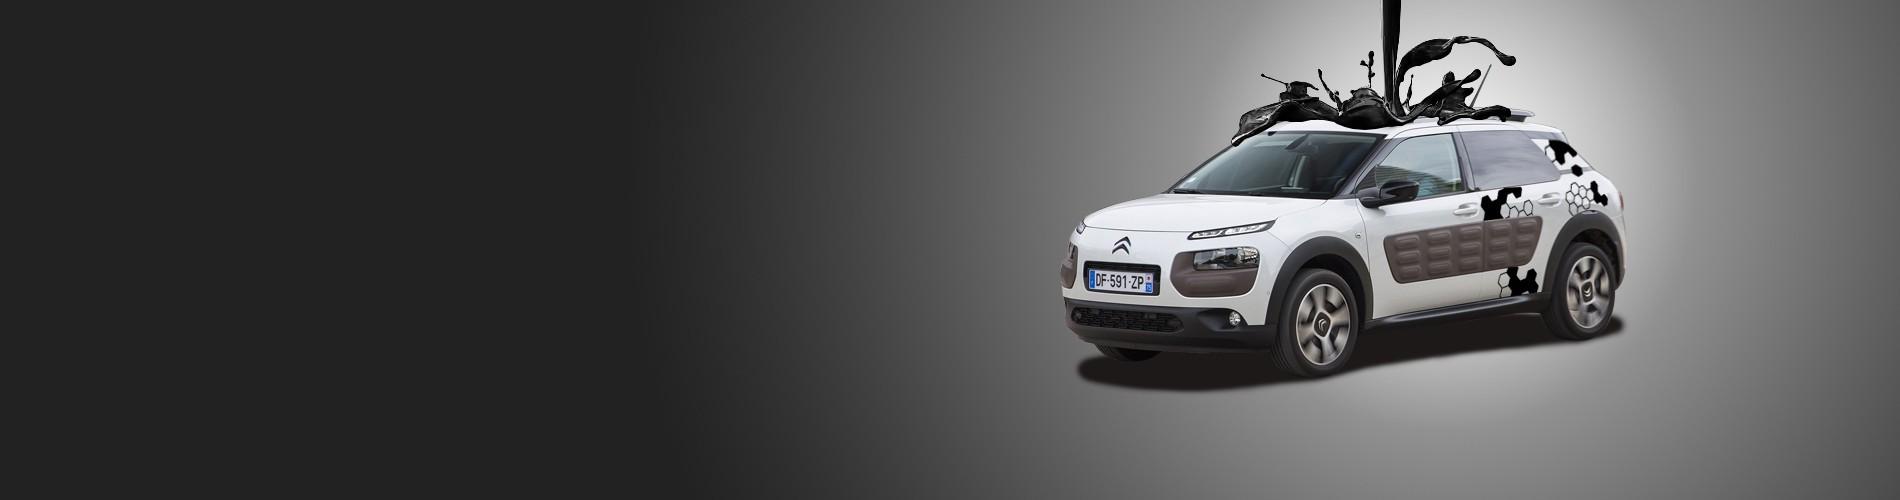 Ma Belle Voiture - Stickers Citroën C4 Cactus